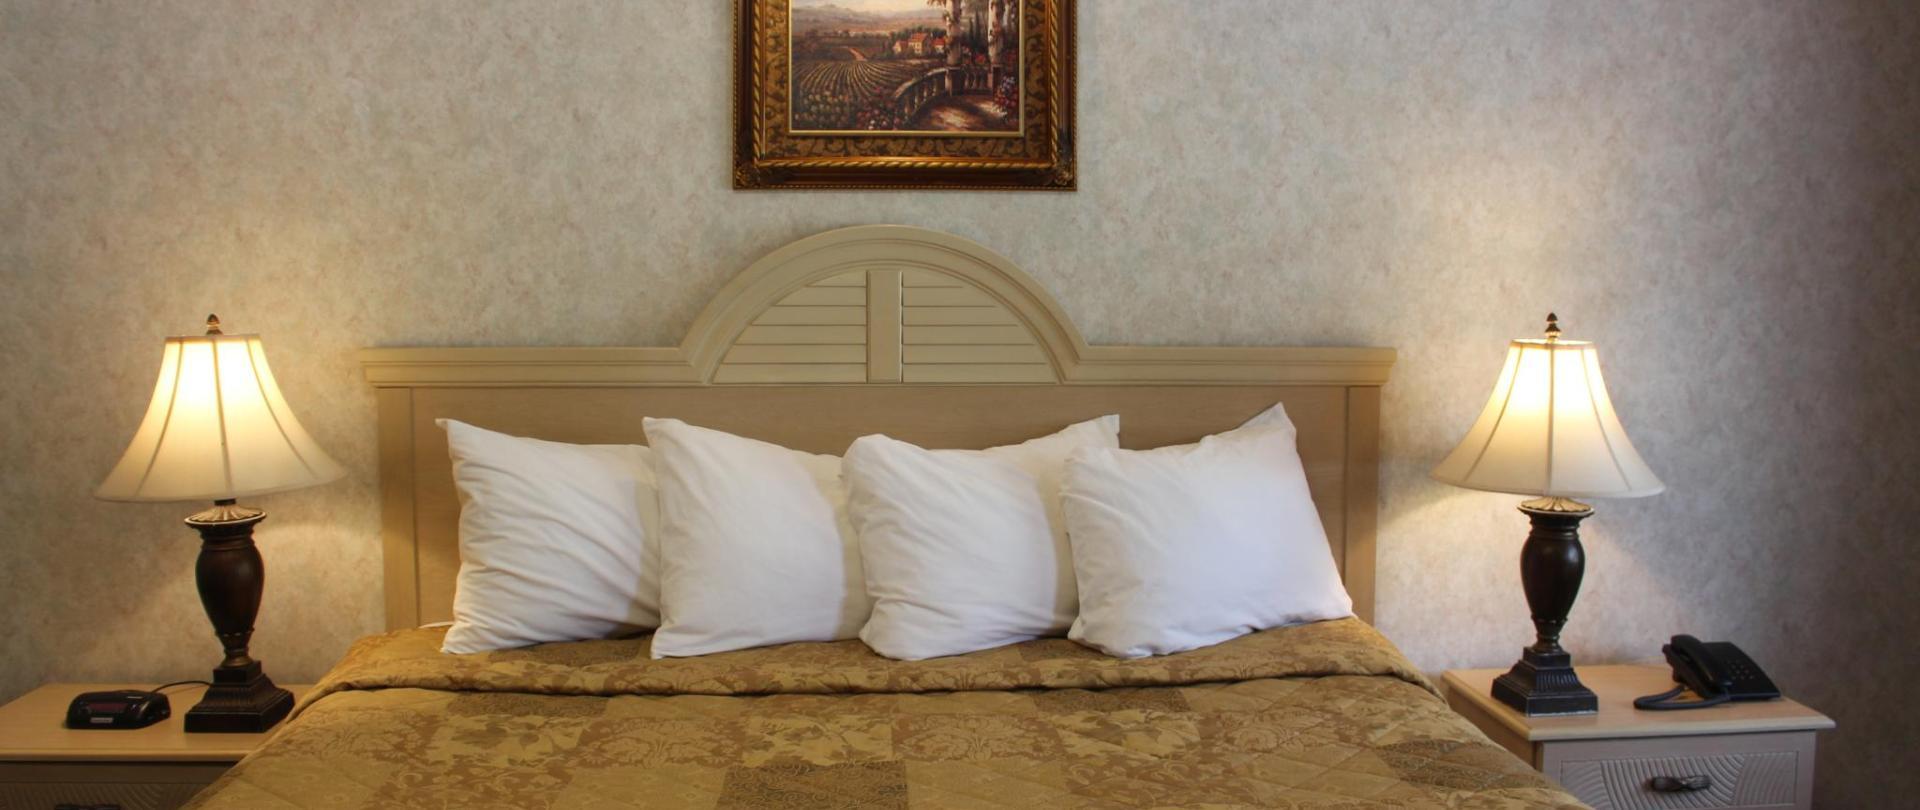 Deluxe King Bed 6.JPG